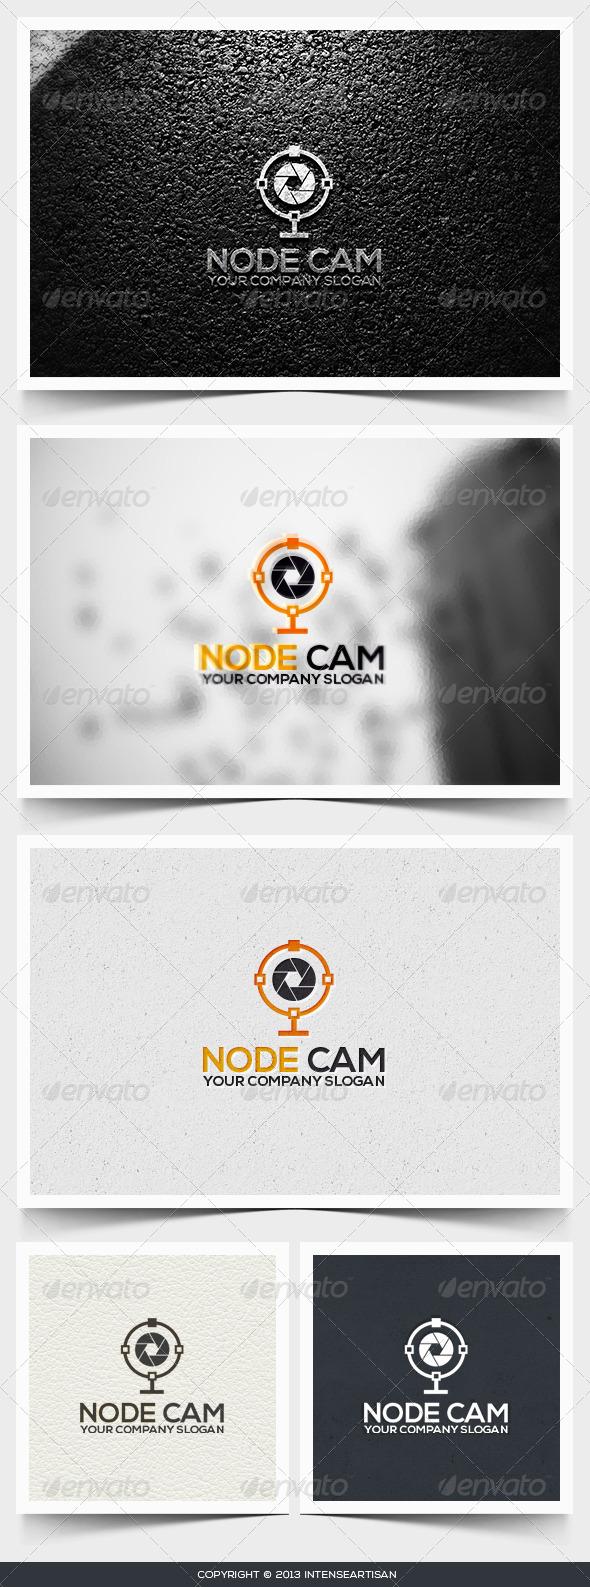 GraphicRiver Node Cam Logo Template 6495090